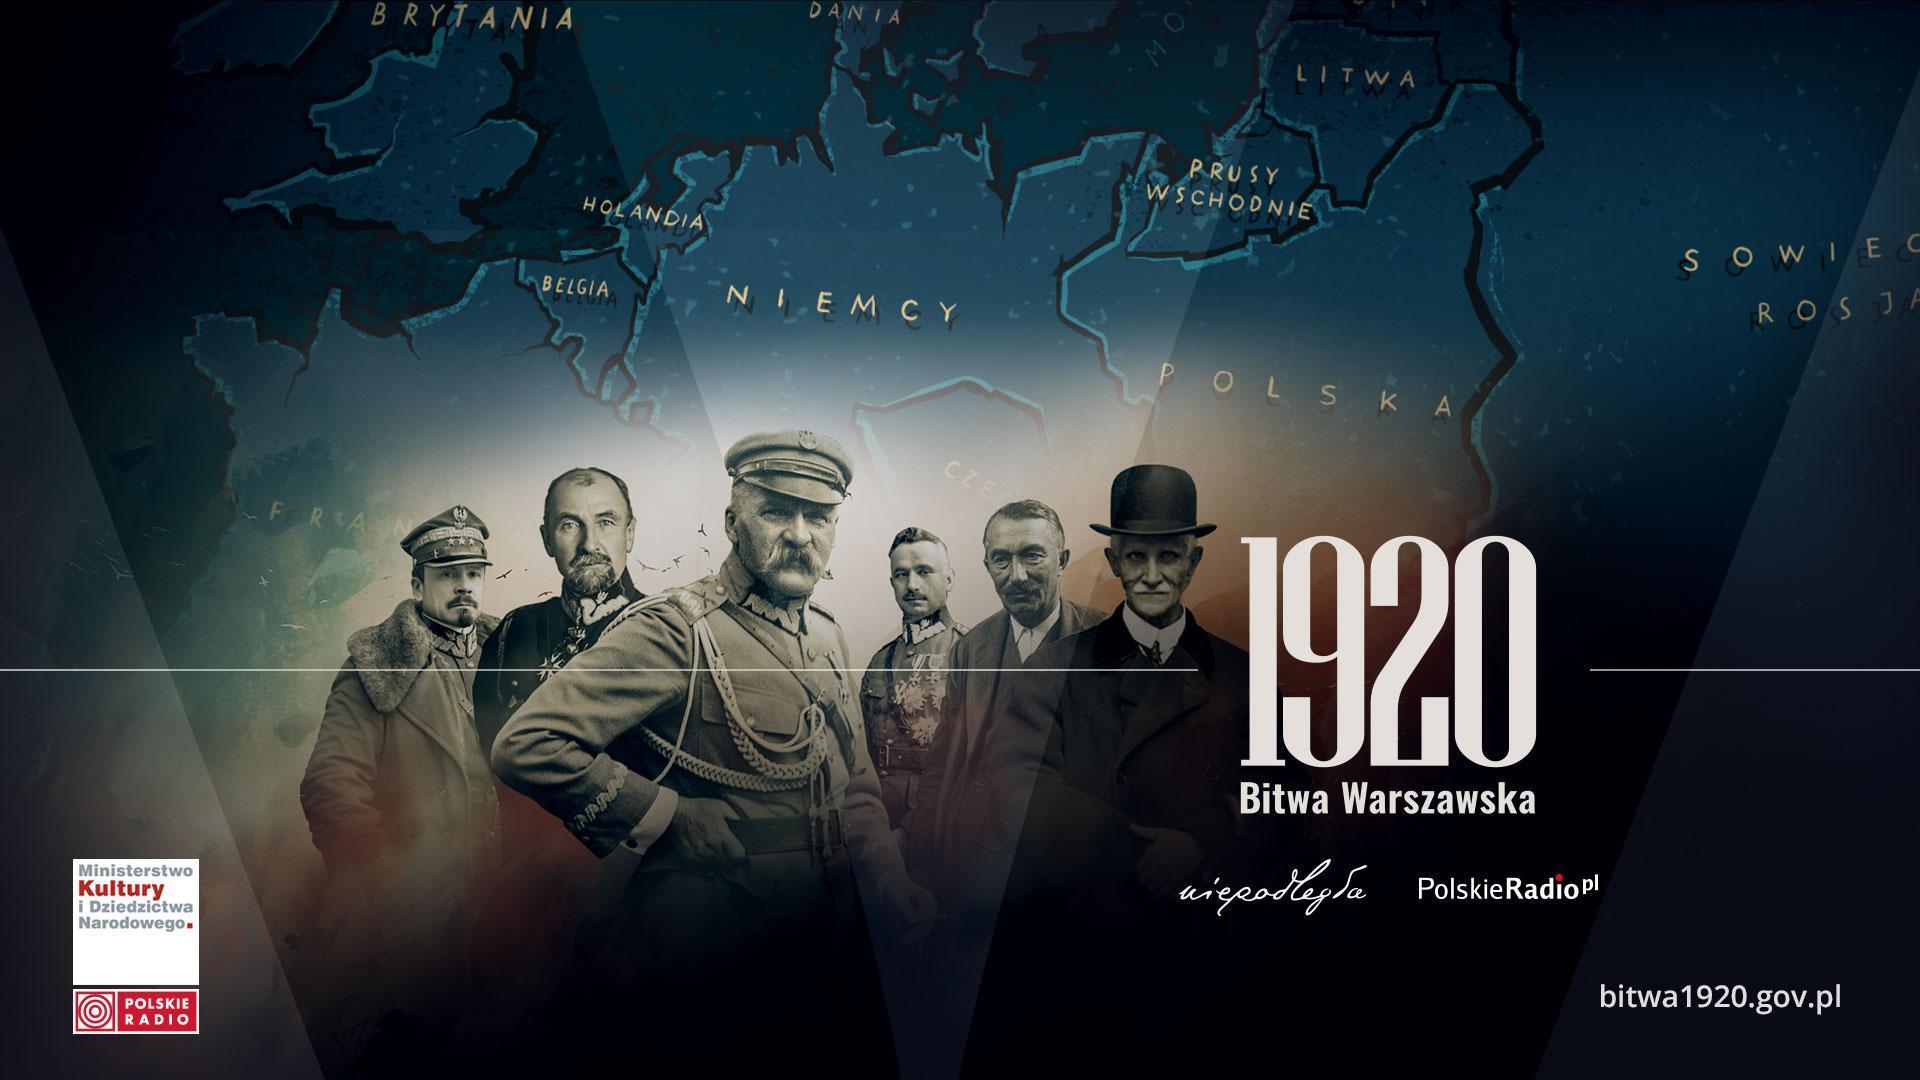 Świętuj z nami stulecie Bitwy Warszawskiej! - Niepodległa ...